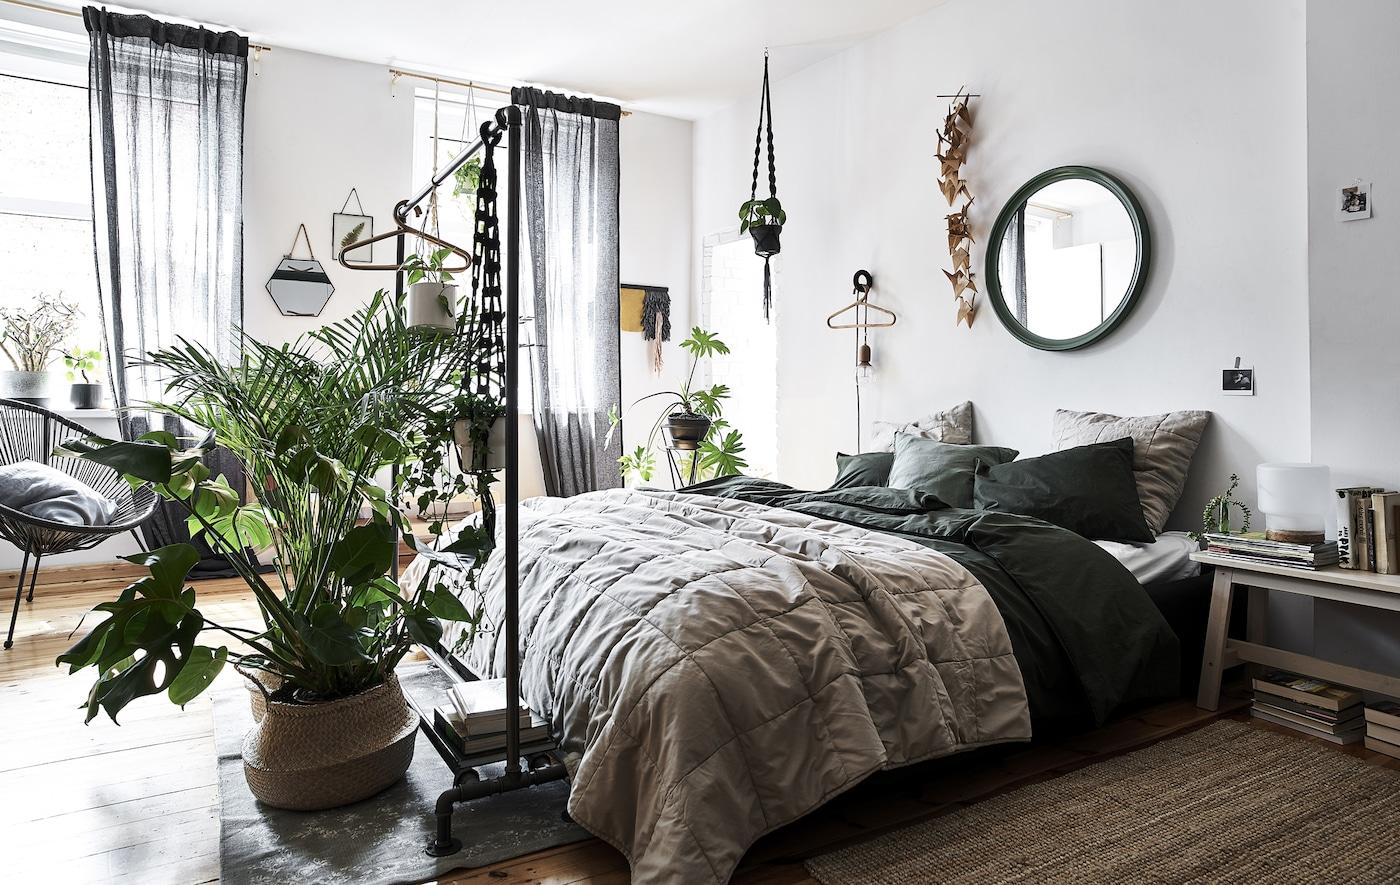 Un dormitorio con paredes blancas, ropa de cama de colores naturales y plantas en cestas de mimbre.